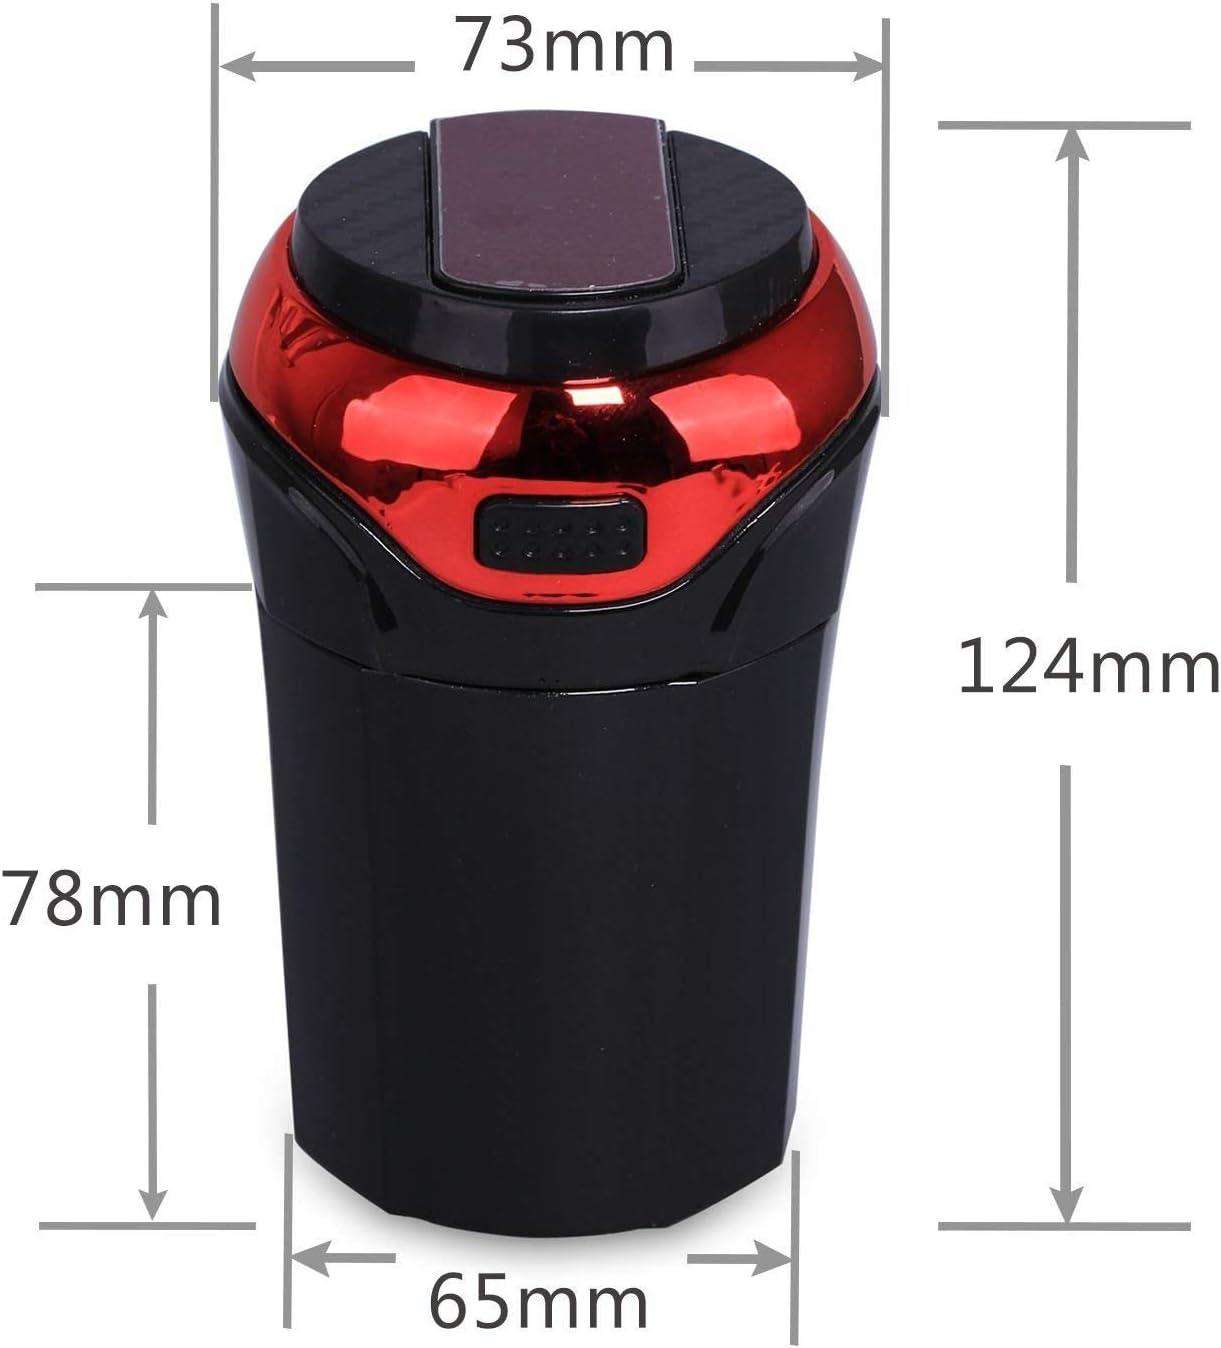 Portable Tasse avec Amovible sans Fum/ée L/ég/ère et Lumineuse LED Bleue Rechargeable USB de Voiture Cendrier avec Couvercle Avril Tian de Voiture Cendrier Cendrier